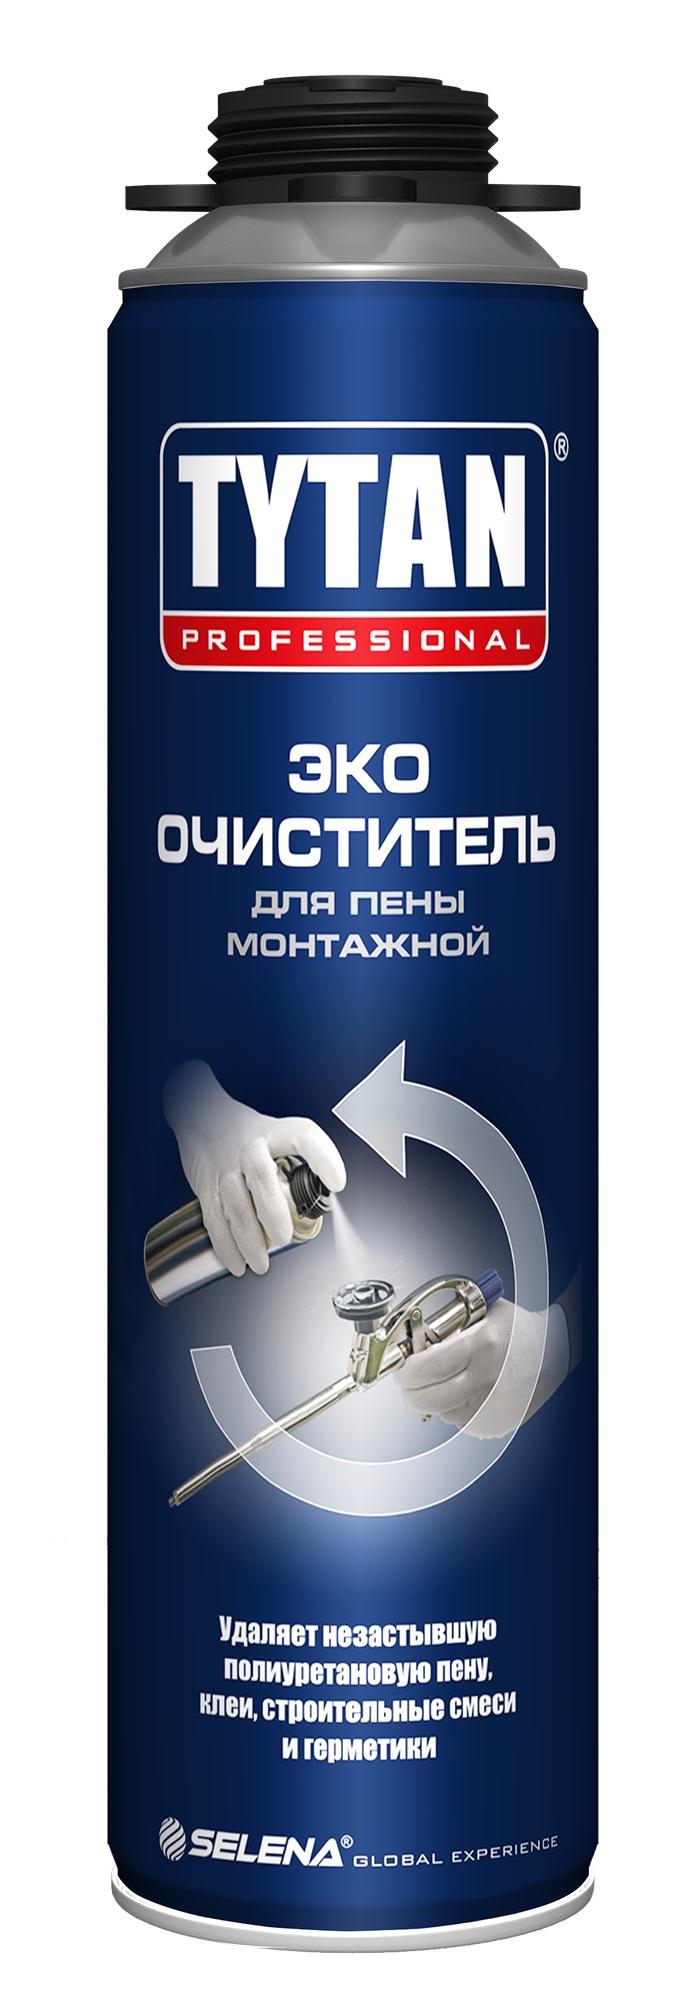 Очиститель для монтажной пены TYTAN 500мл - фото